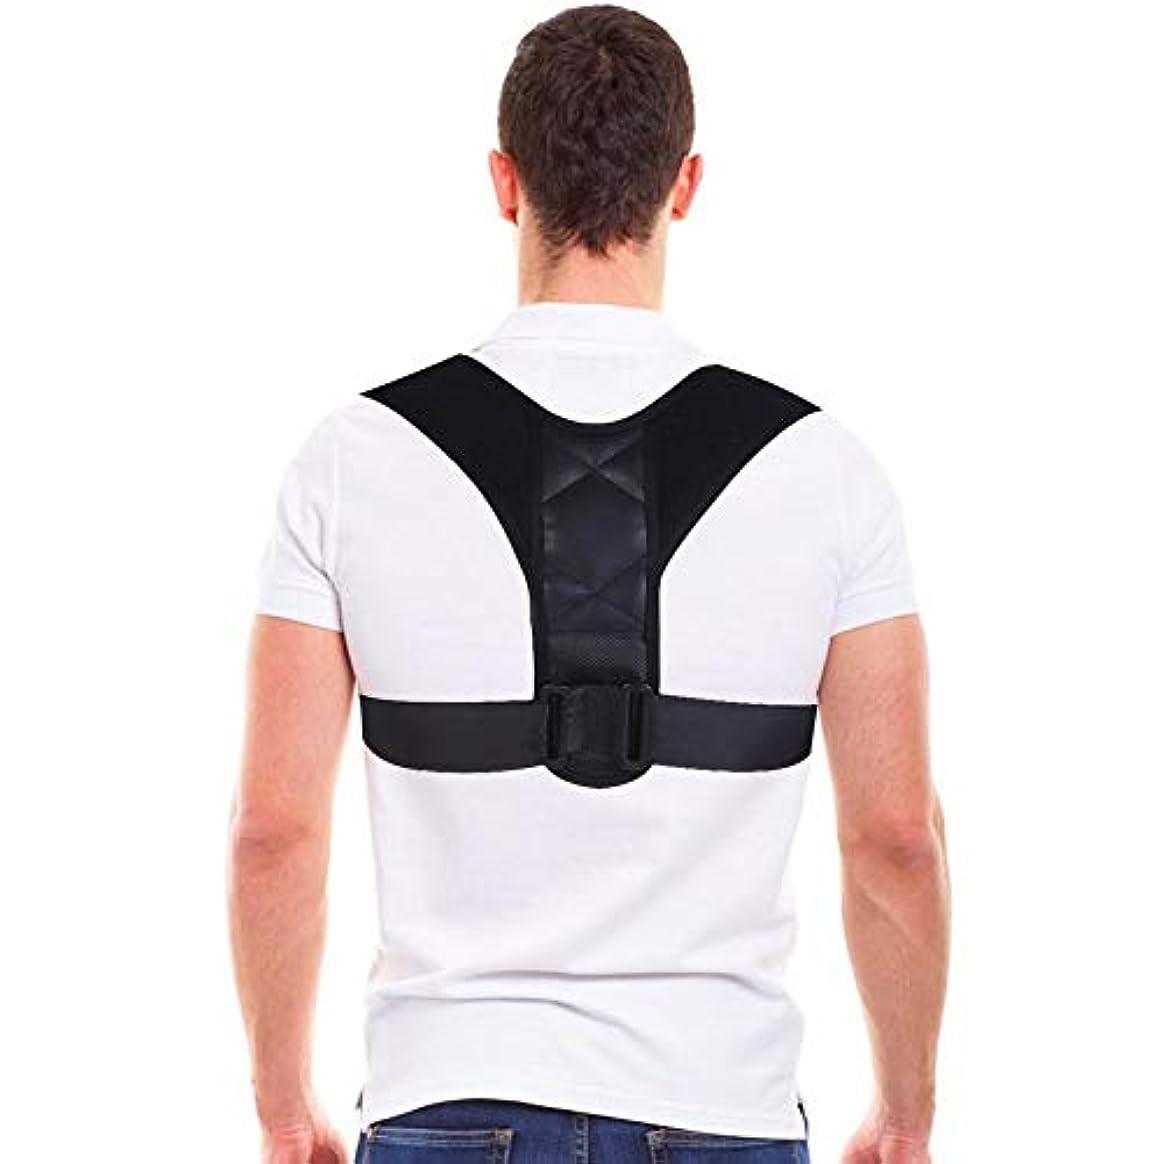 呪い休日適用済みコレクター姿勢バックサポートベルト、8字型デザインの調節可能な鎖骨装具バンド、男性と女性の姿勢、腰痛予防、腰痛予防